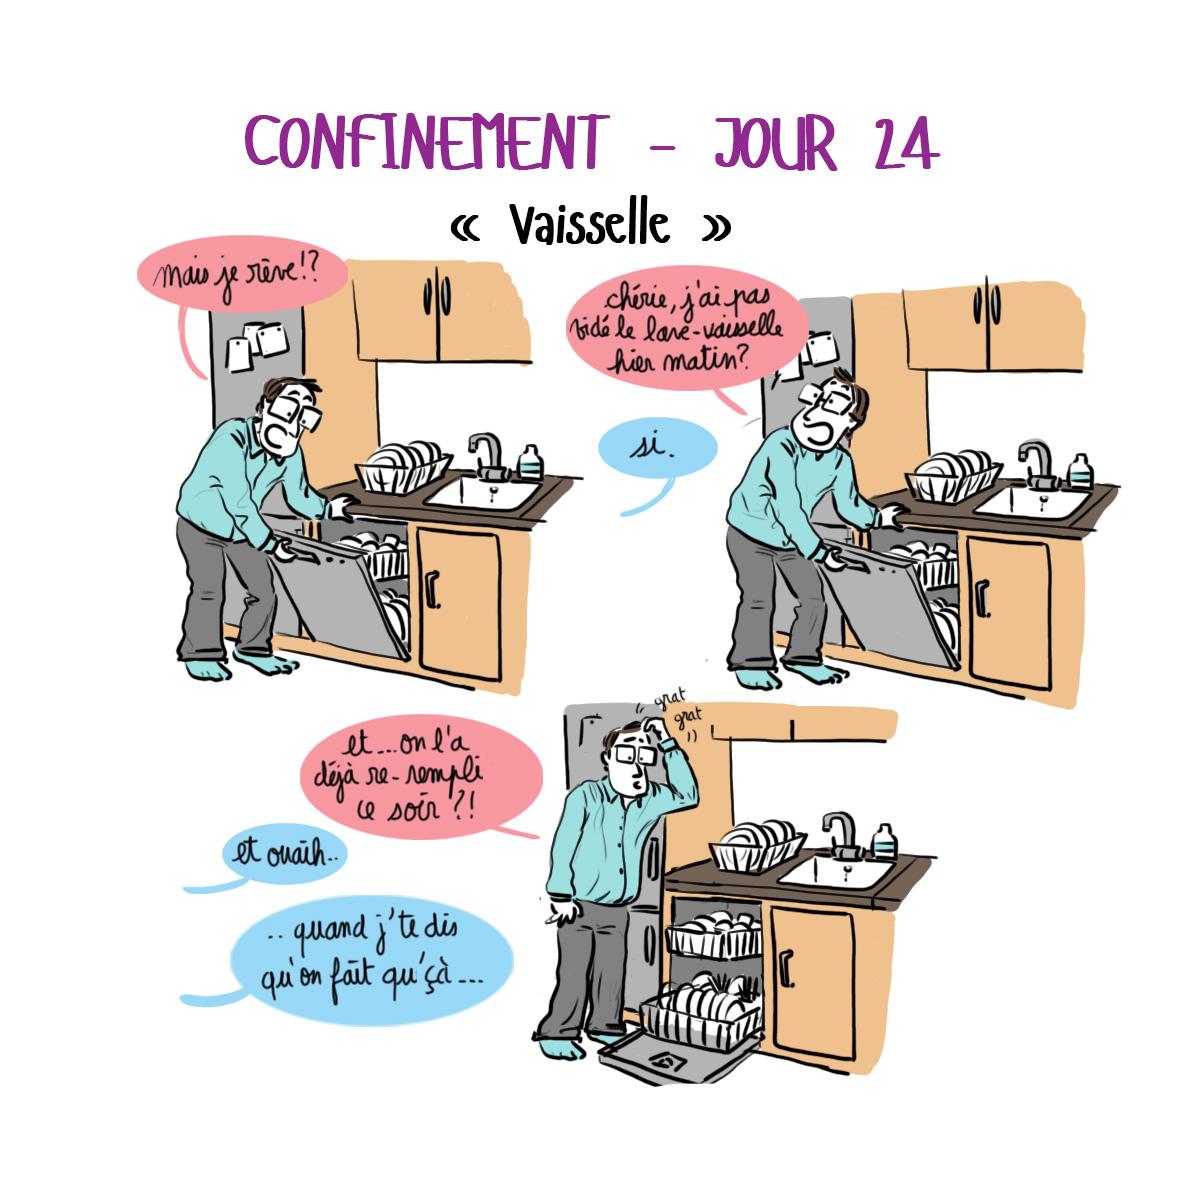 Journal de confinement - jour 24